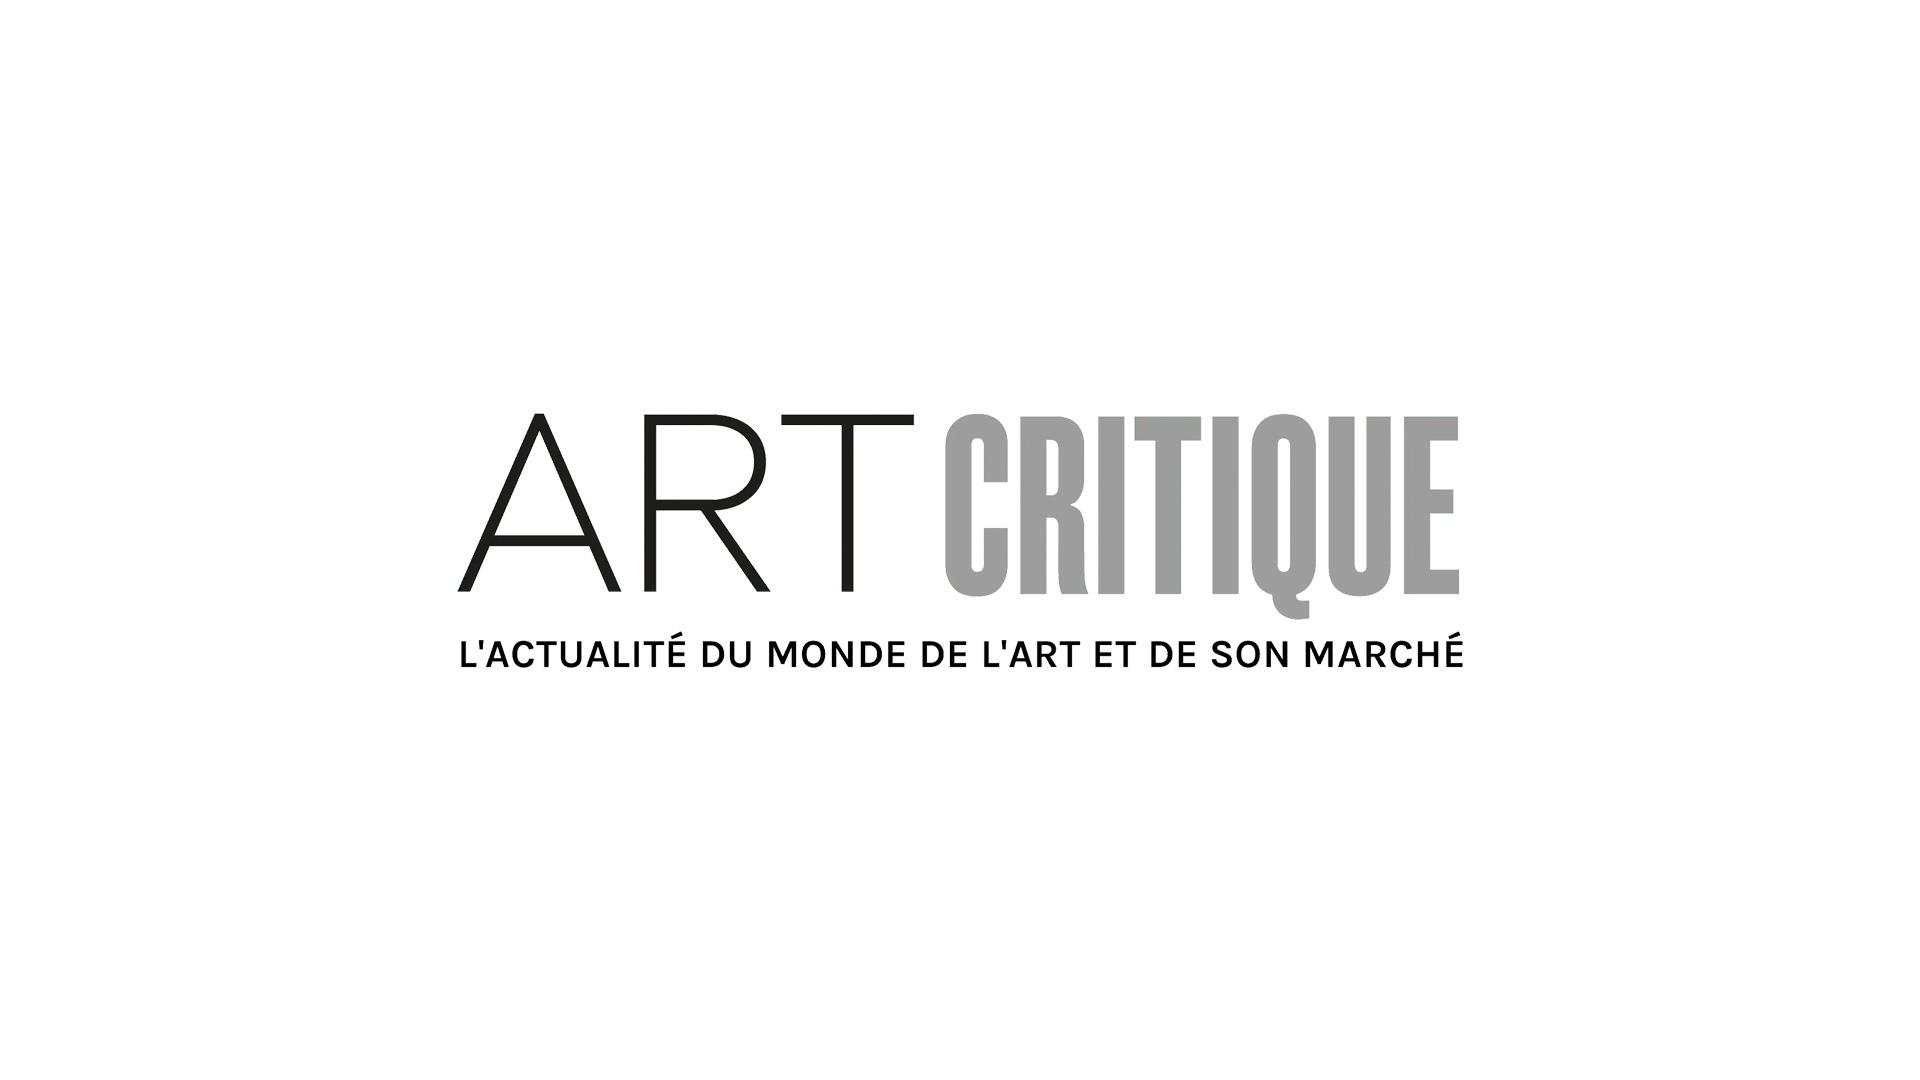 Une restitution de trois antiquités péruviennes